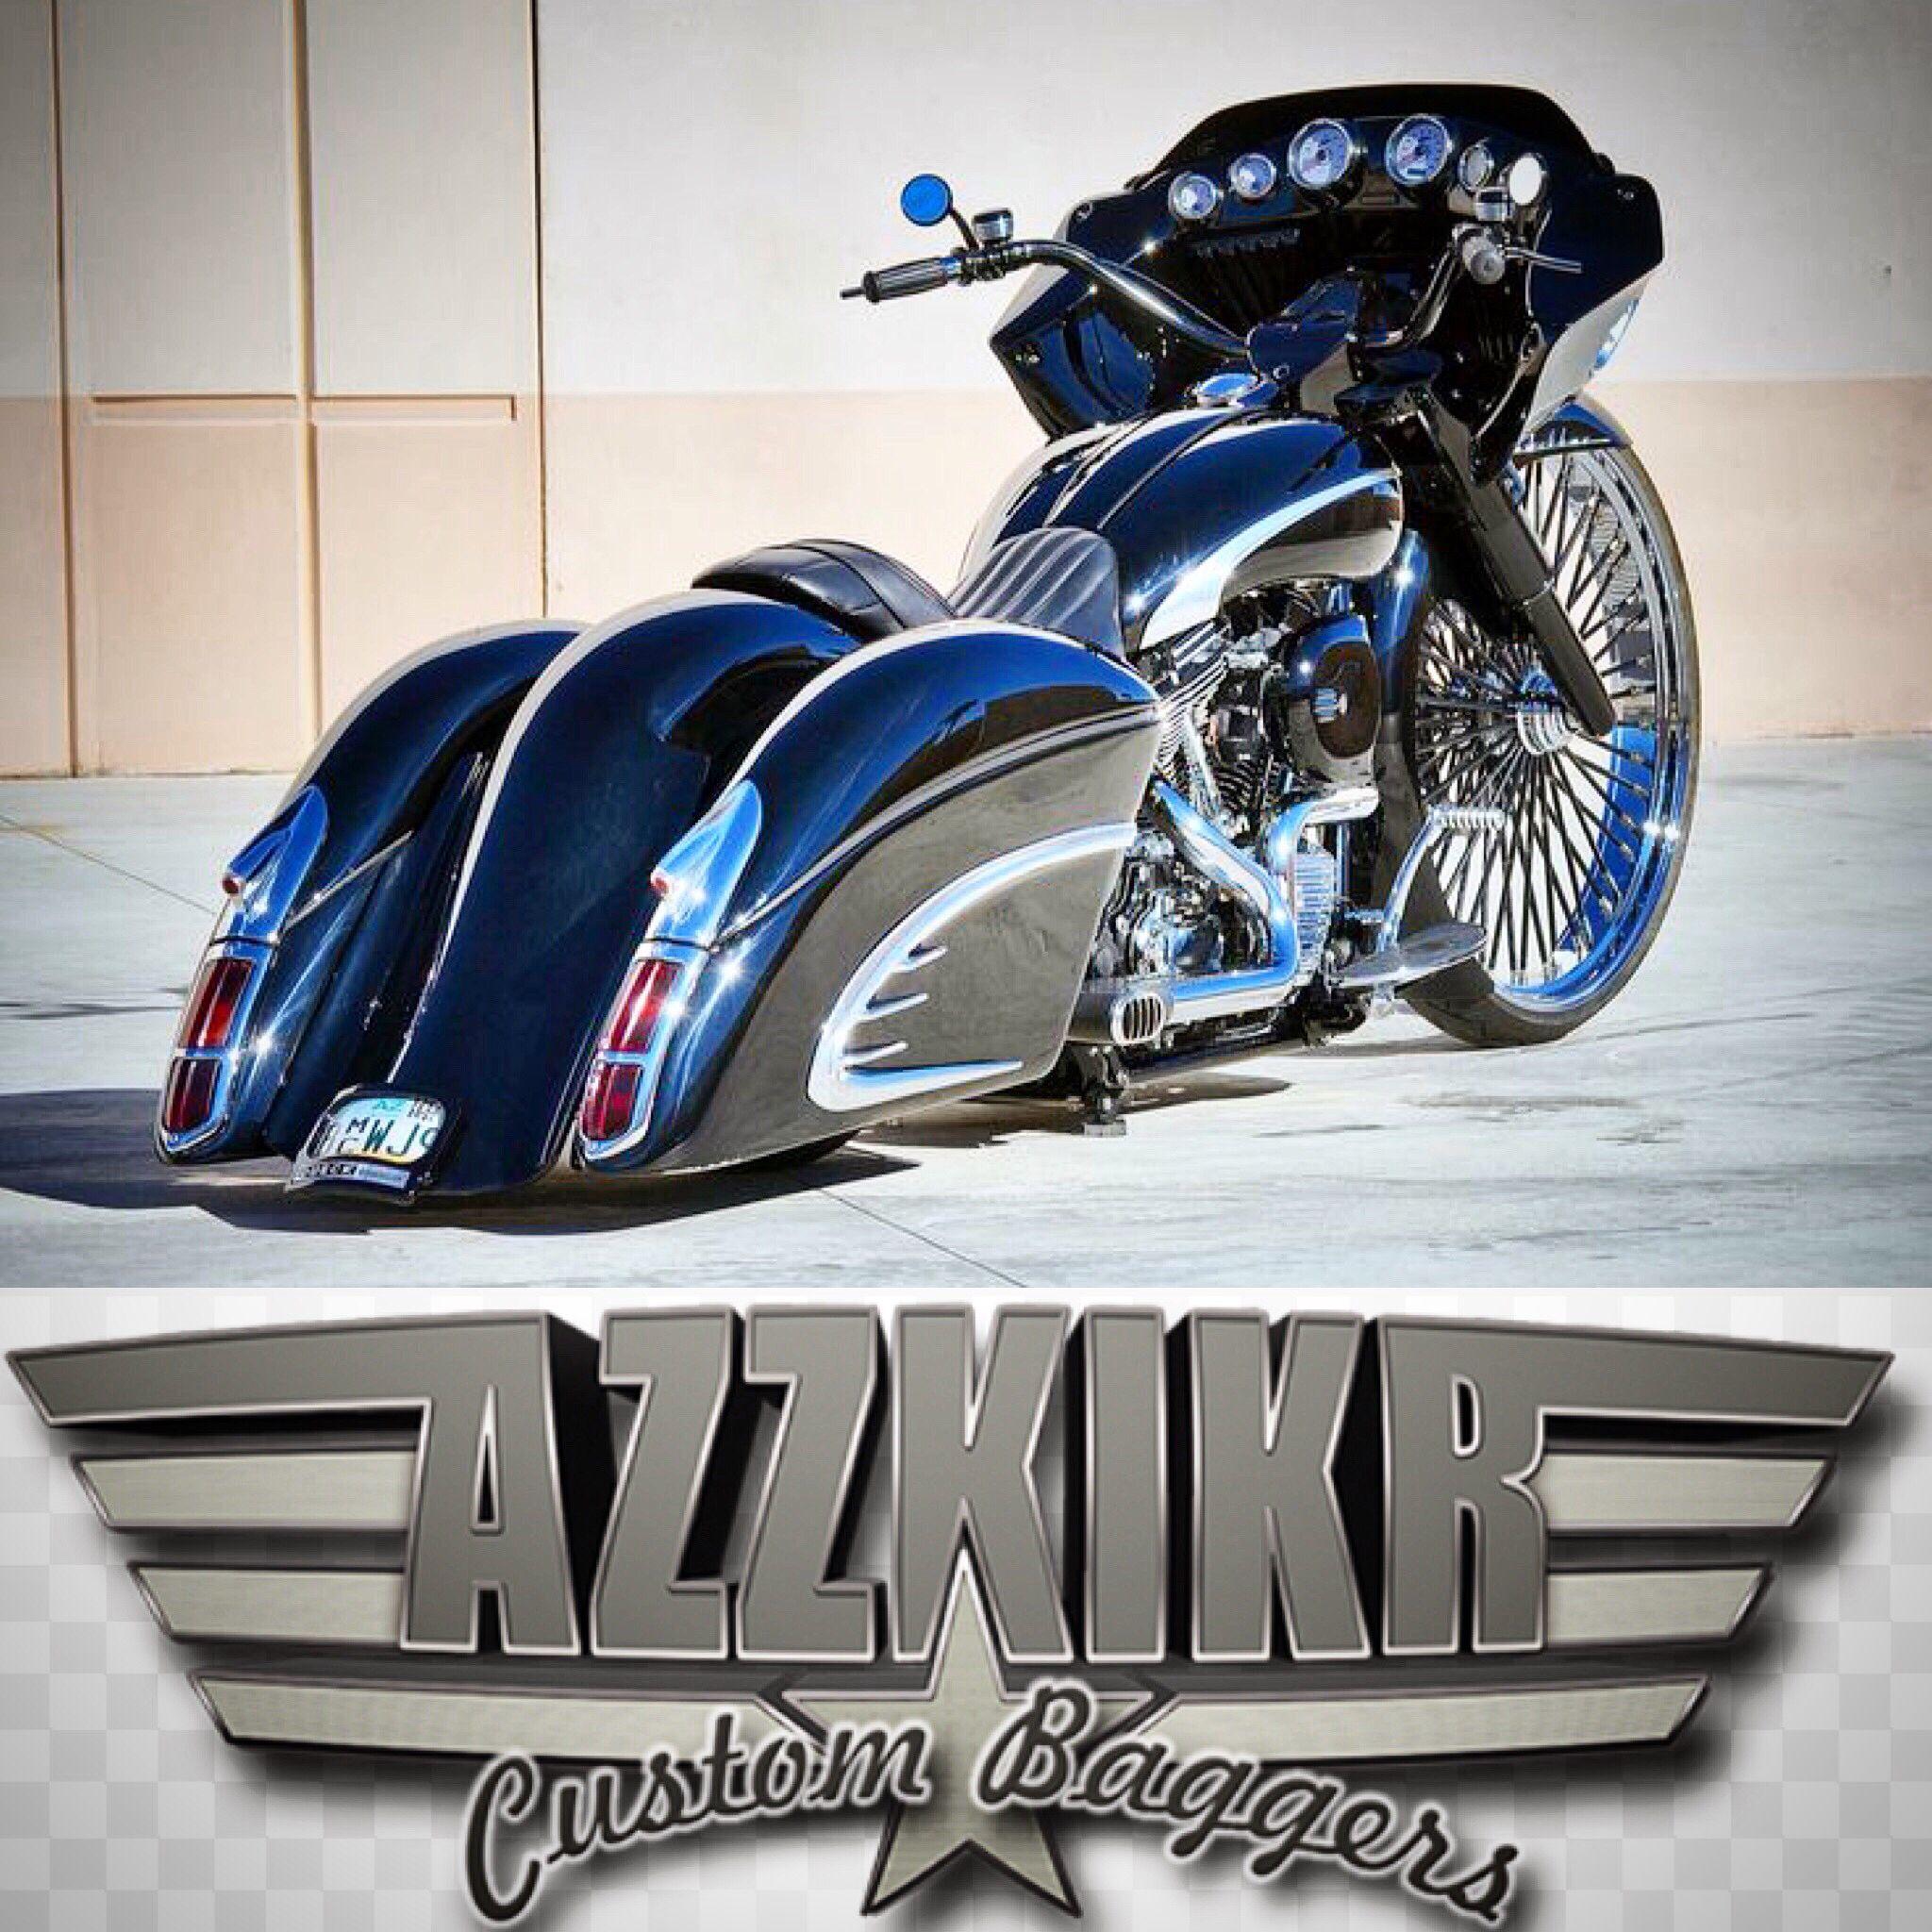 Caddy Bike Azzkikr Is First In Quality Oem Standard In